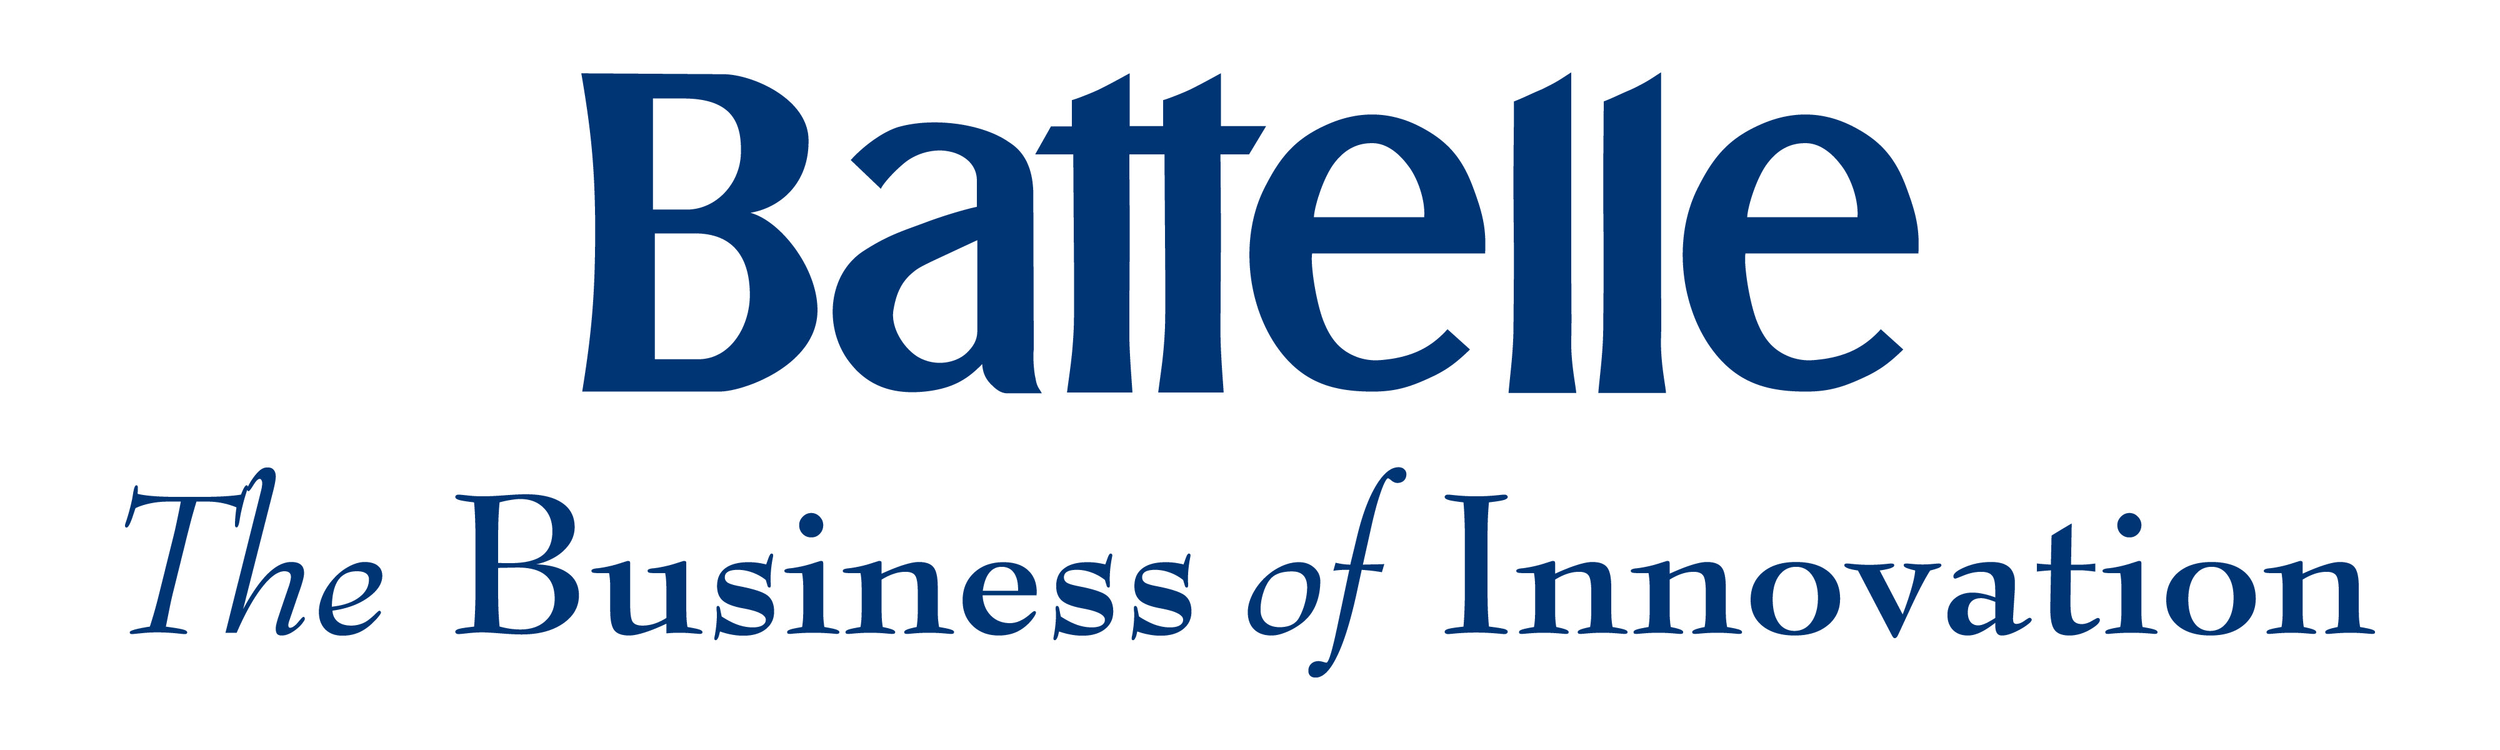 battelle-logo2.png